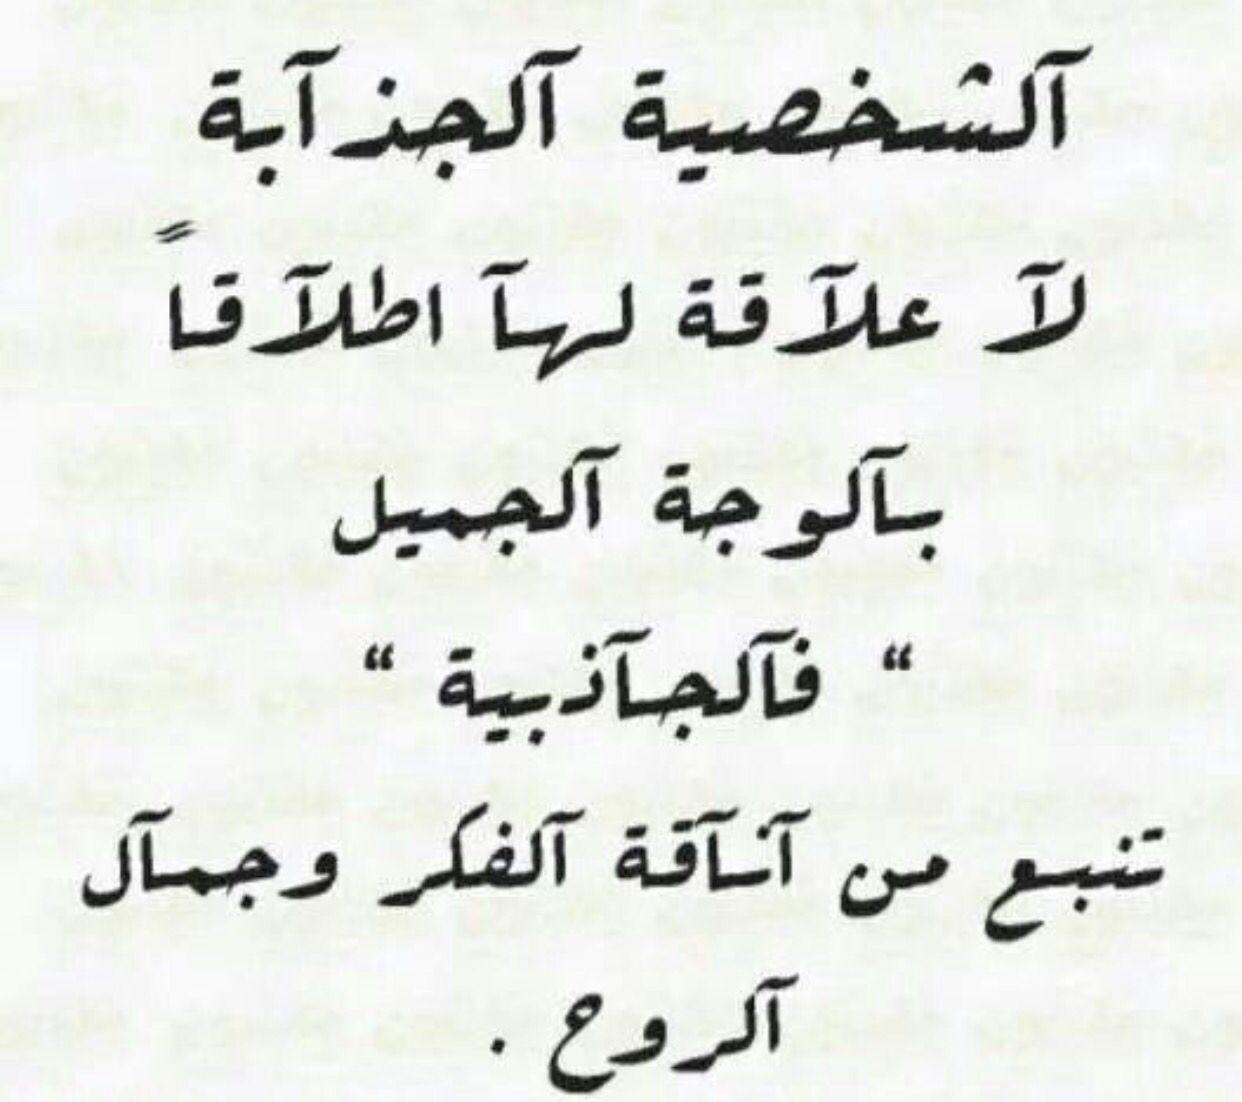 الجاذبية تنبع من آناقة الفكر وجمال الروح Nana Quotes Quotes Love Words